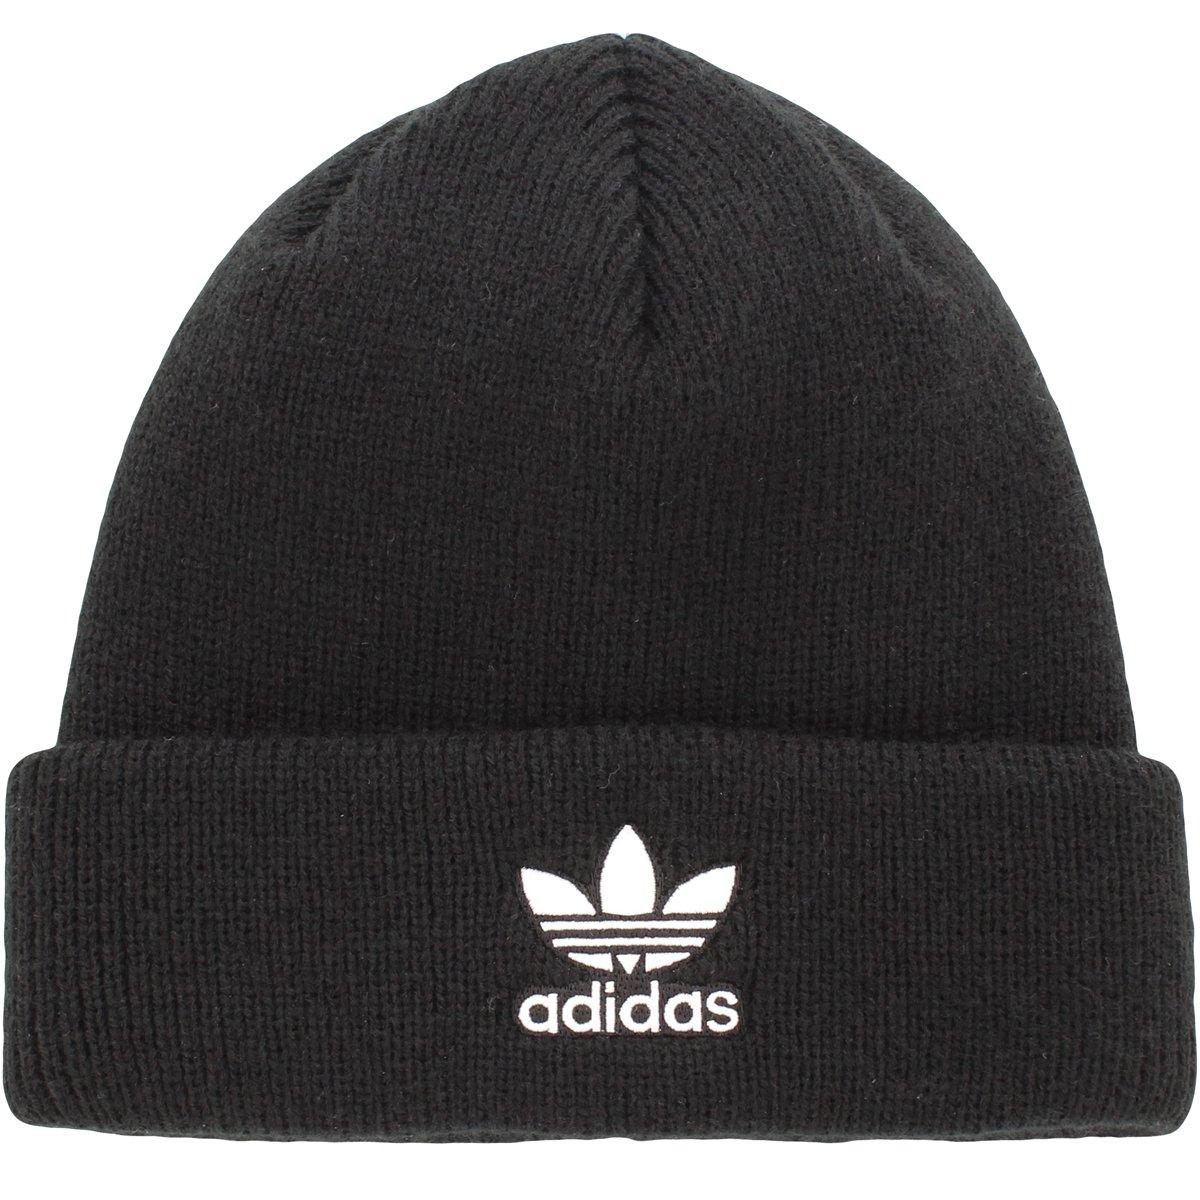 73bdf8956dd Amazon.com  Adidas Men s Originals Starboard Knit Beanie